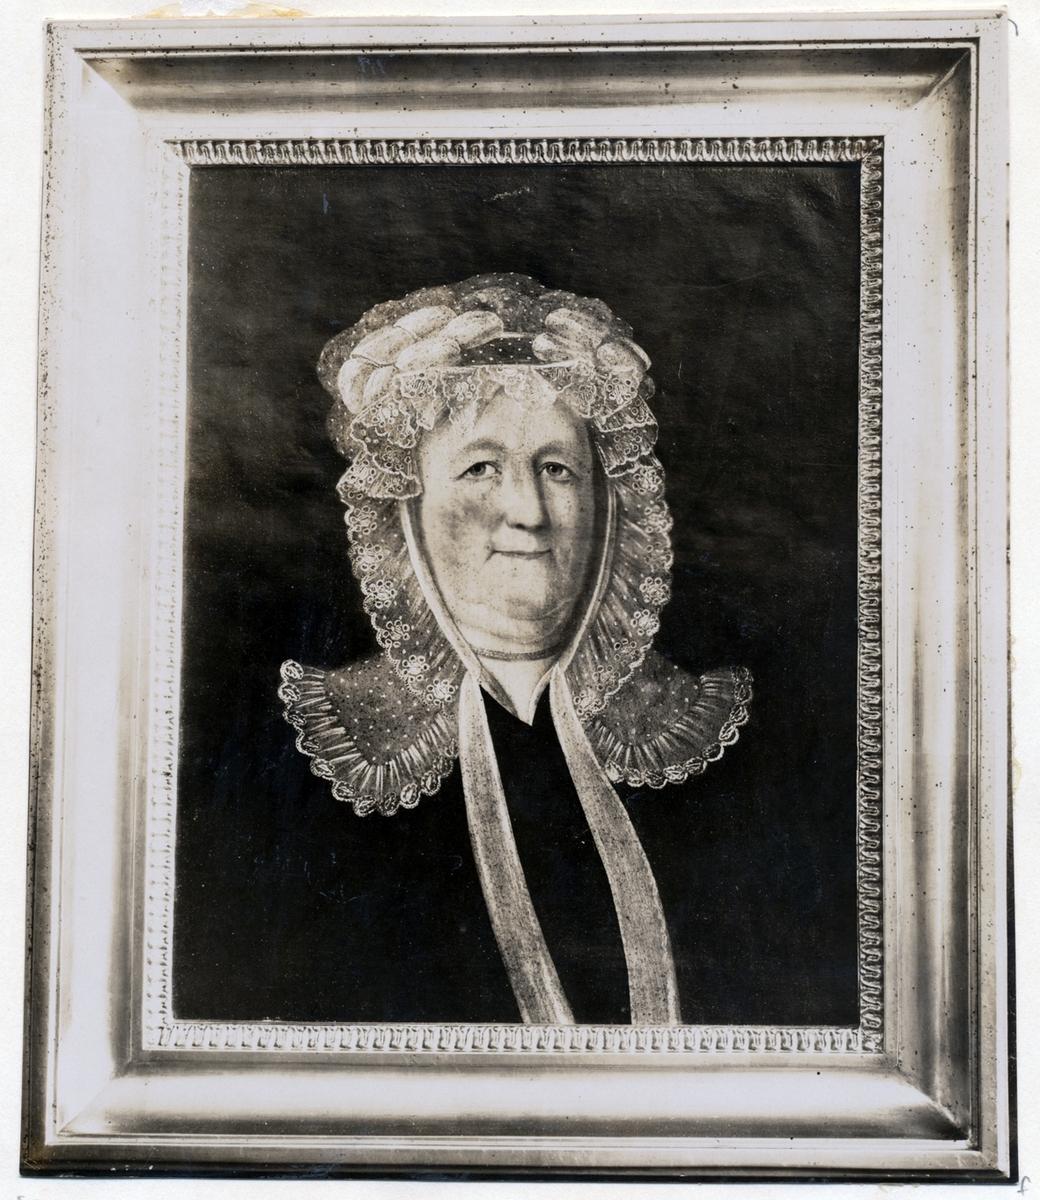 Charlotta Fleetwood, född 1752, död 1830. Foto 1925 efter oljemålning av C.P. Lehan 1827. Negativ Nordiska Museet.